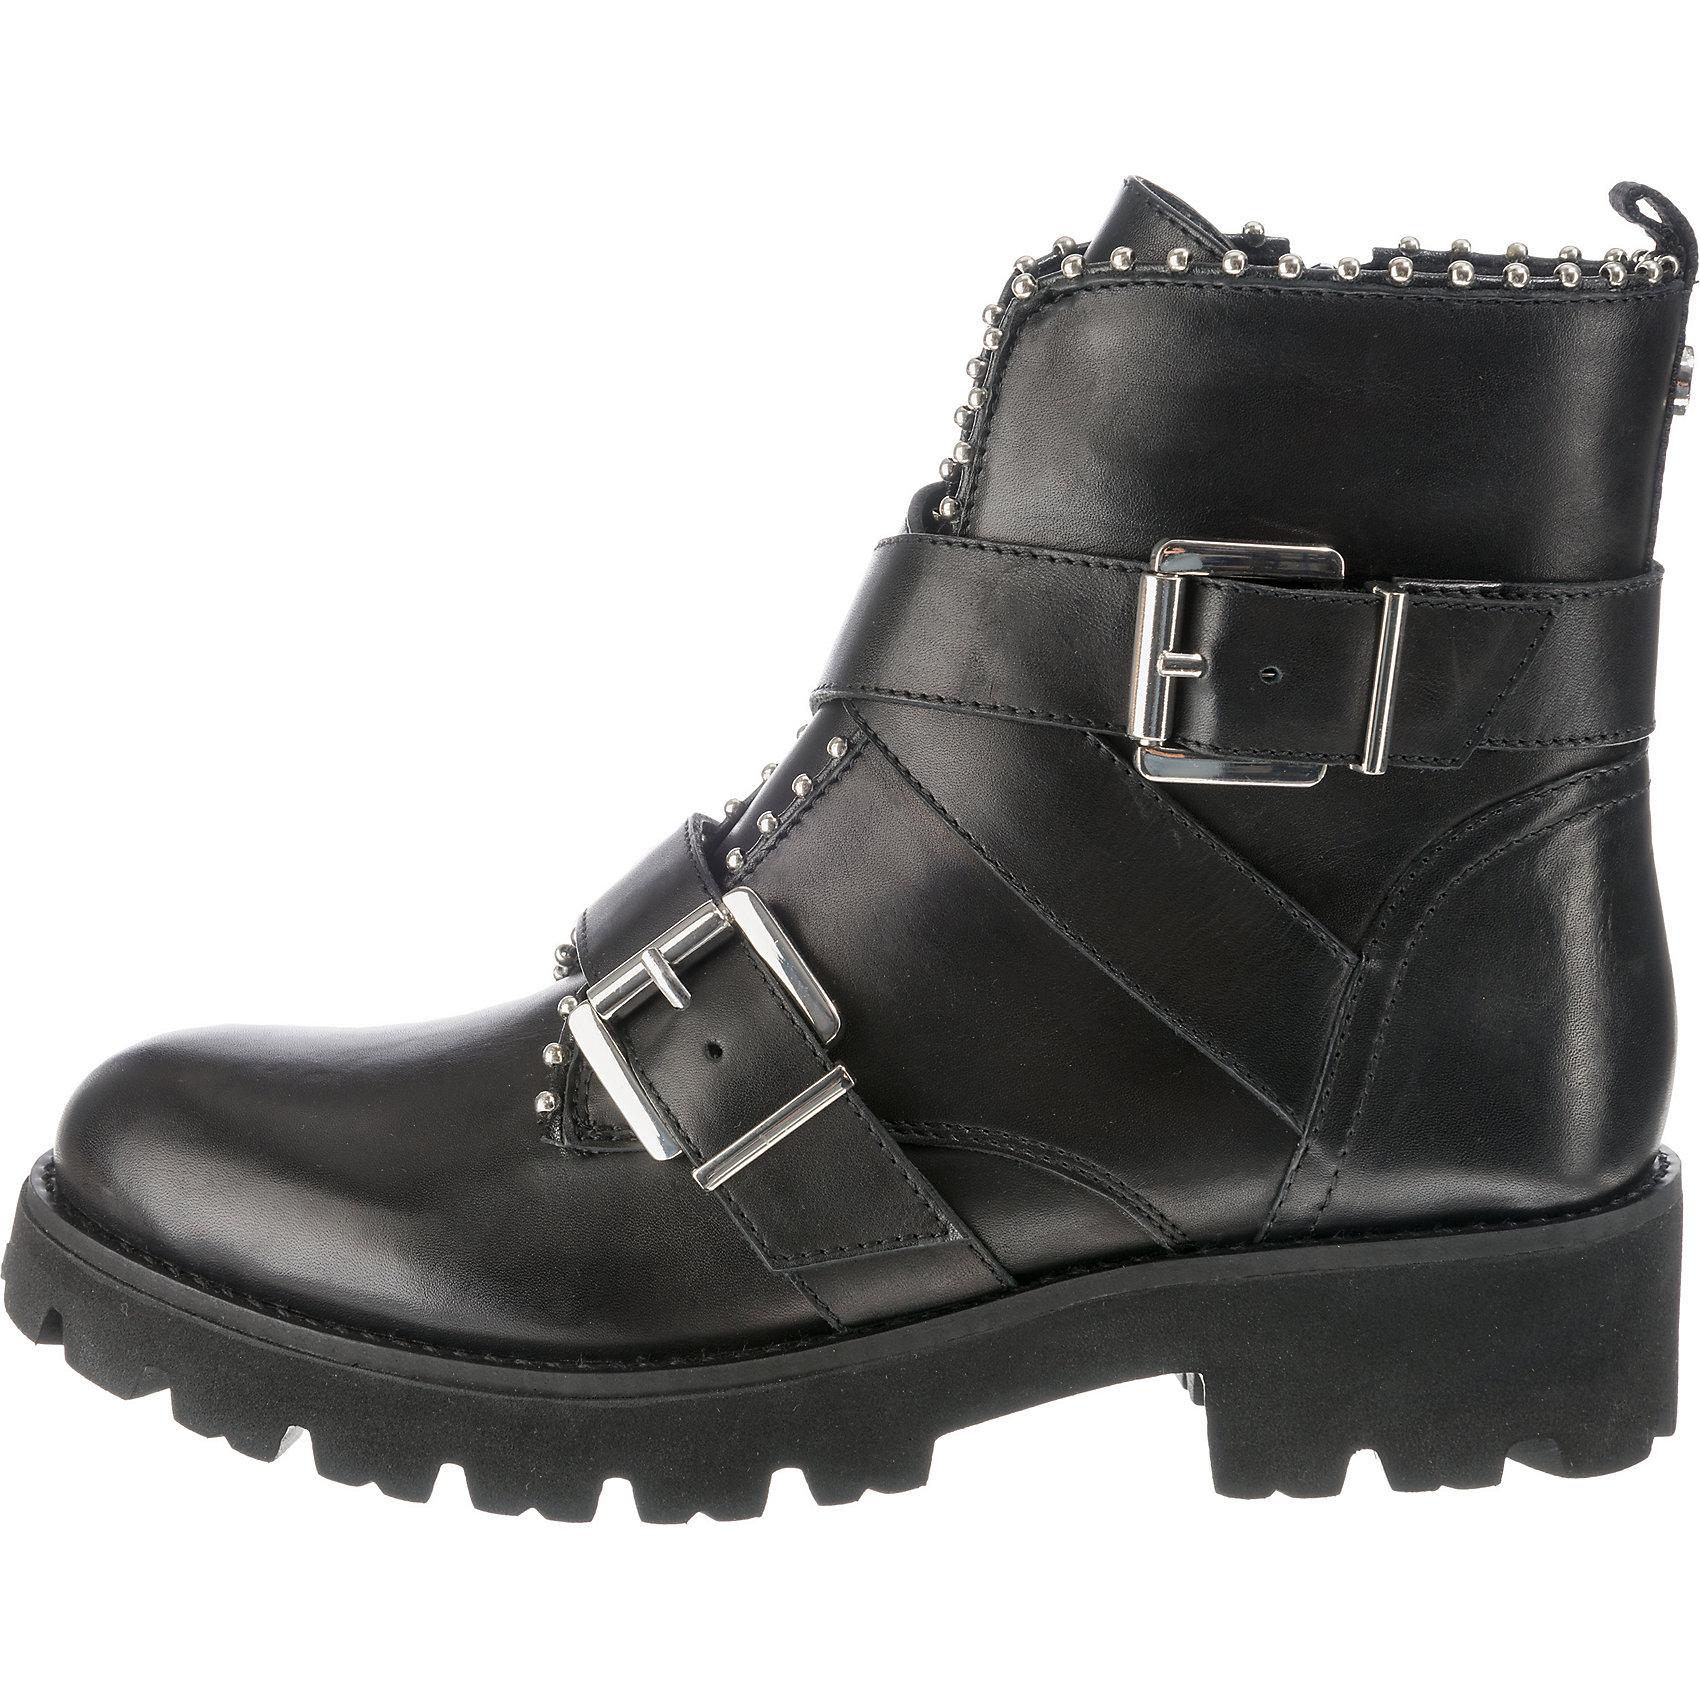 b99275340ea Neu STEVE MADDEN Hoofy Biker Boots 8763673 für Damen schwarz